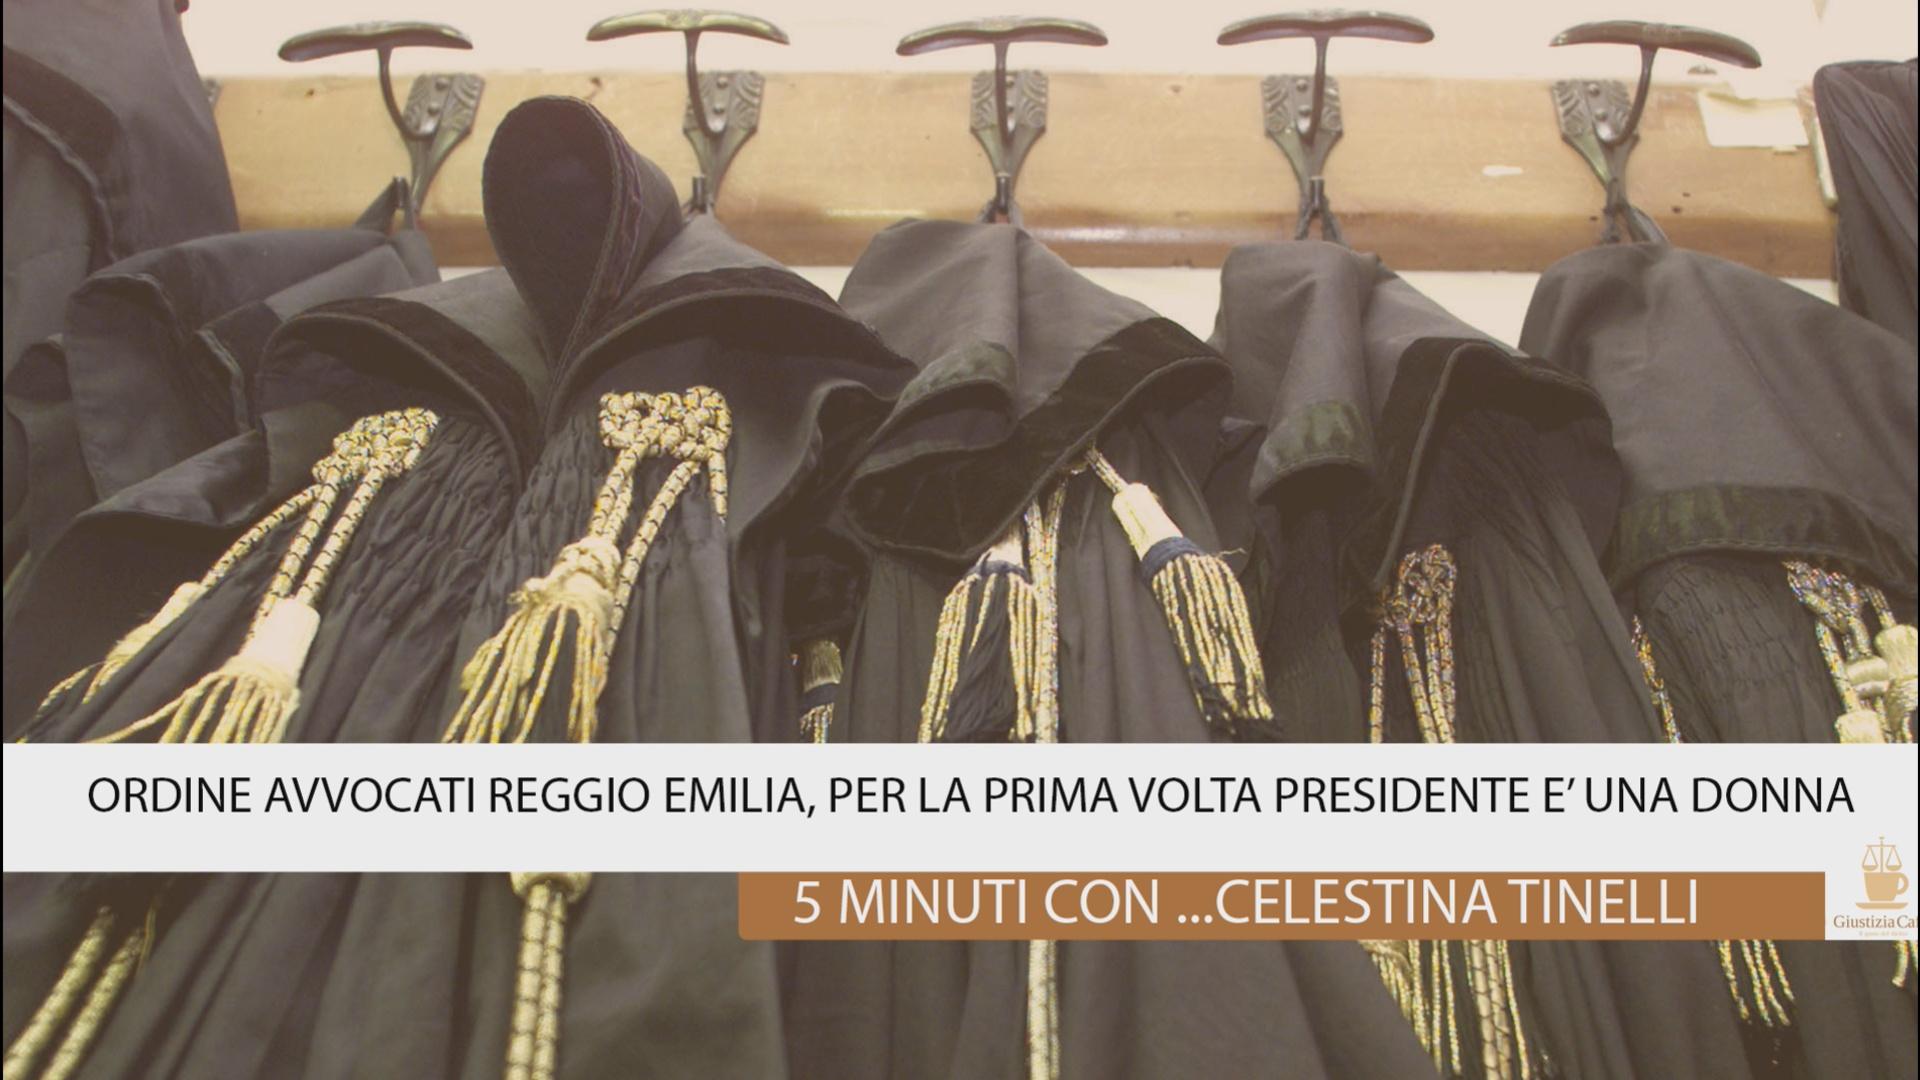 Ordine Avvocati Reggio Emila, per la prima volta presidente è una donna